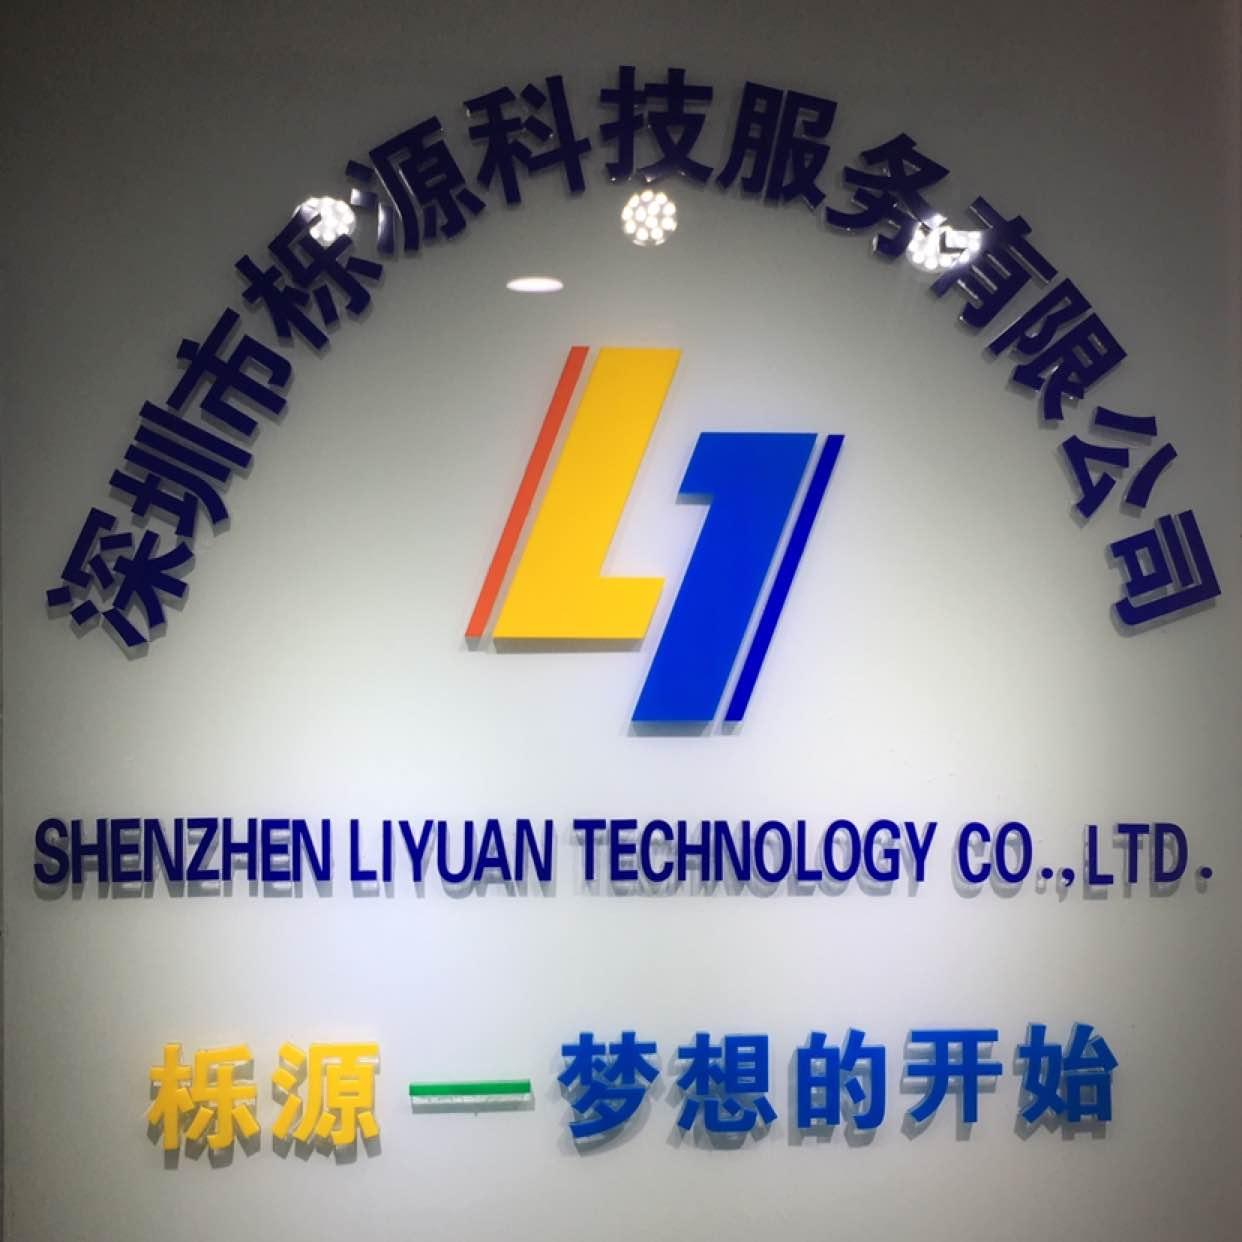 深圳市栎源科技服务有限公司